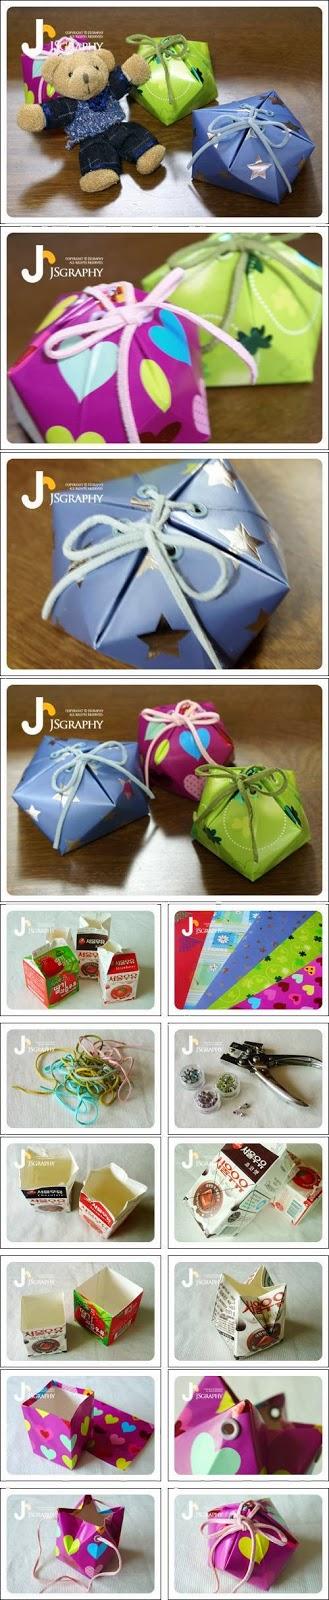 Reciclatex Idea para hacer cajas de regalos con briks de leche